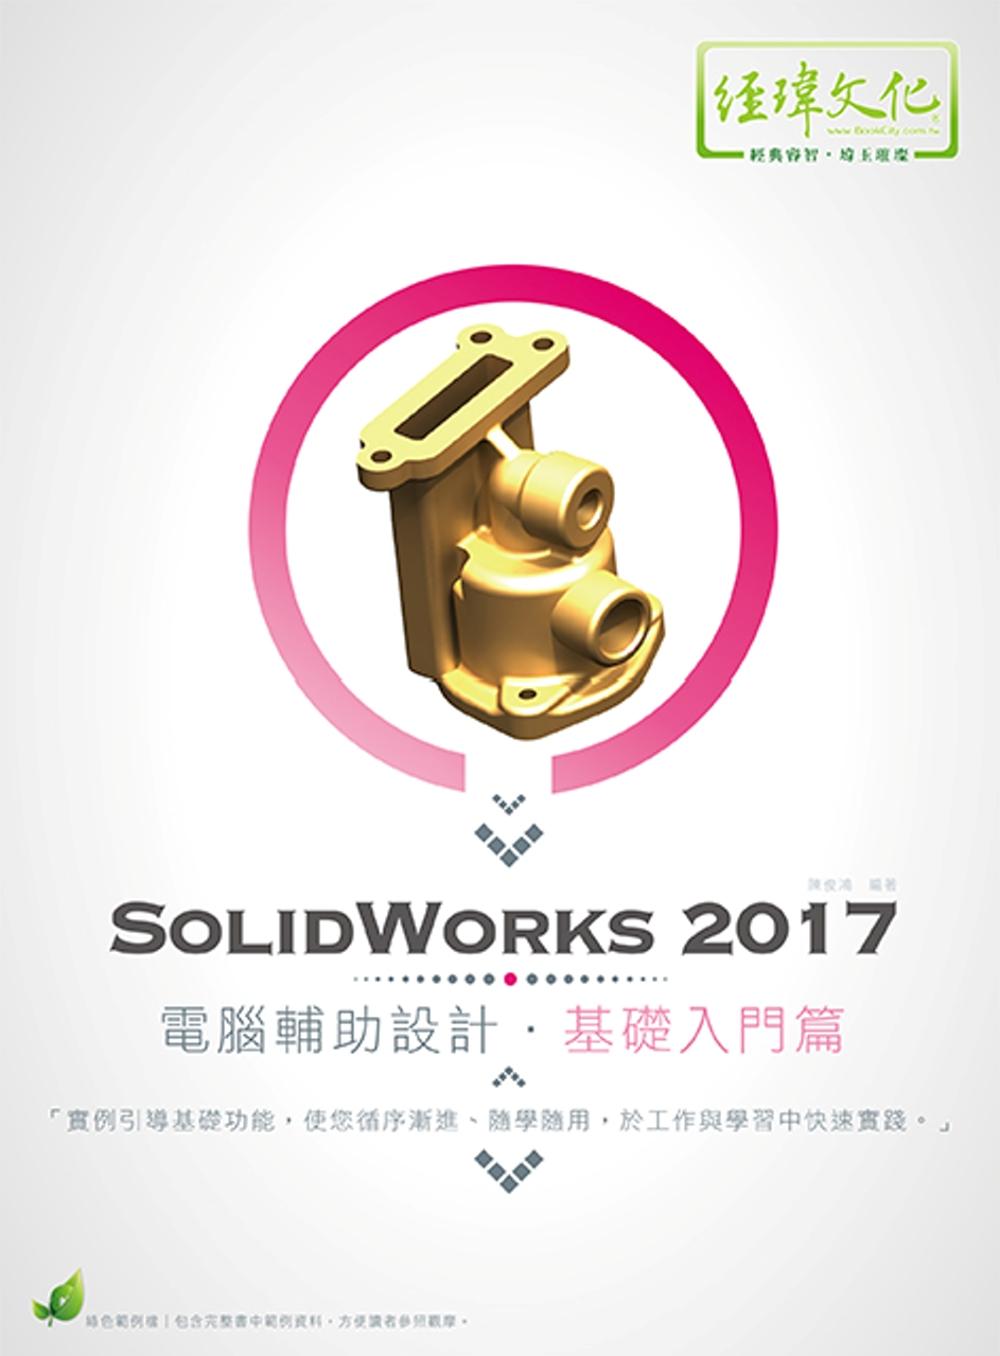 SolidWorks 2017 電腦輔助設計:基礎入門篇(附綠色範例檔)